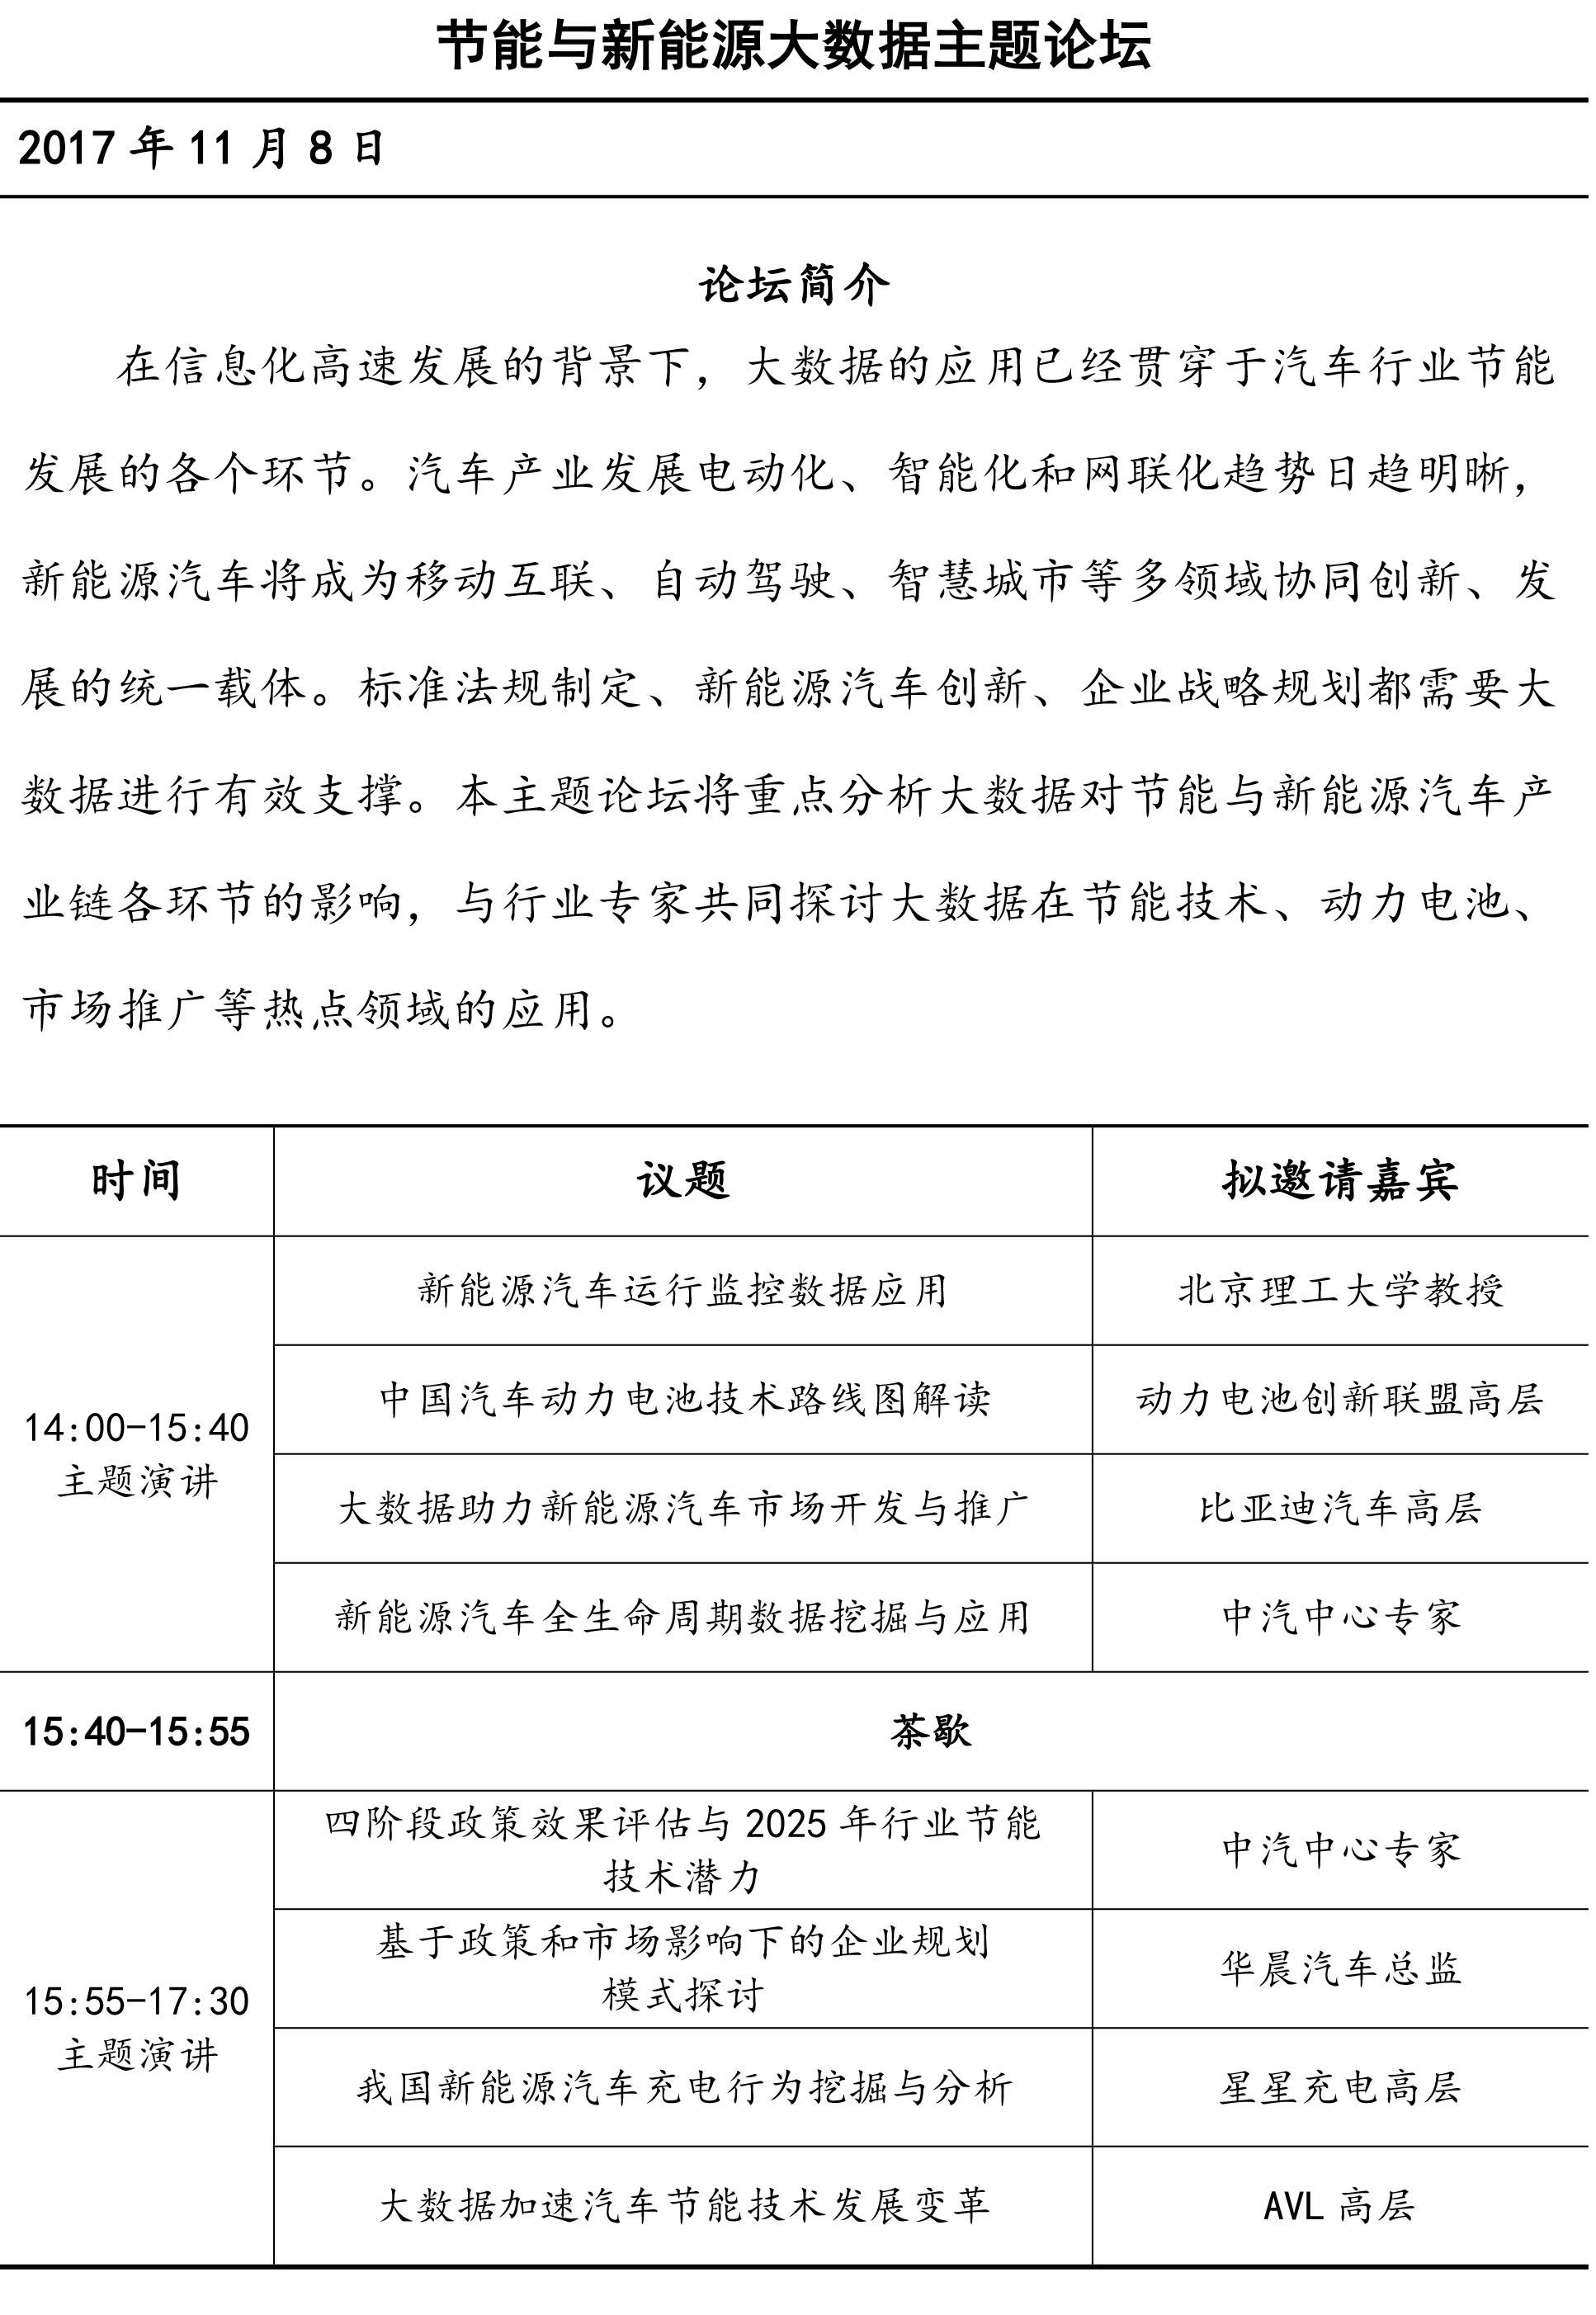 2017(第二届)中国汽车与保险大数据产业高峰论坛